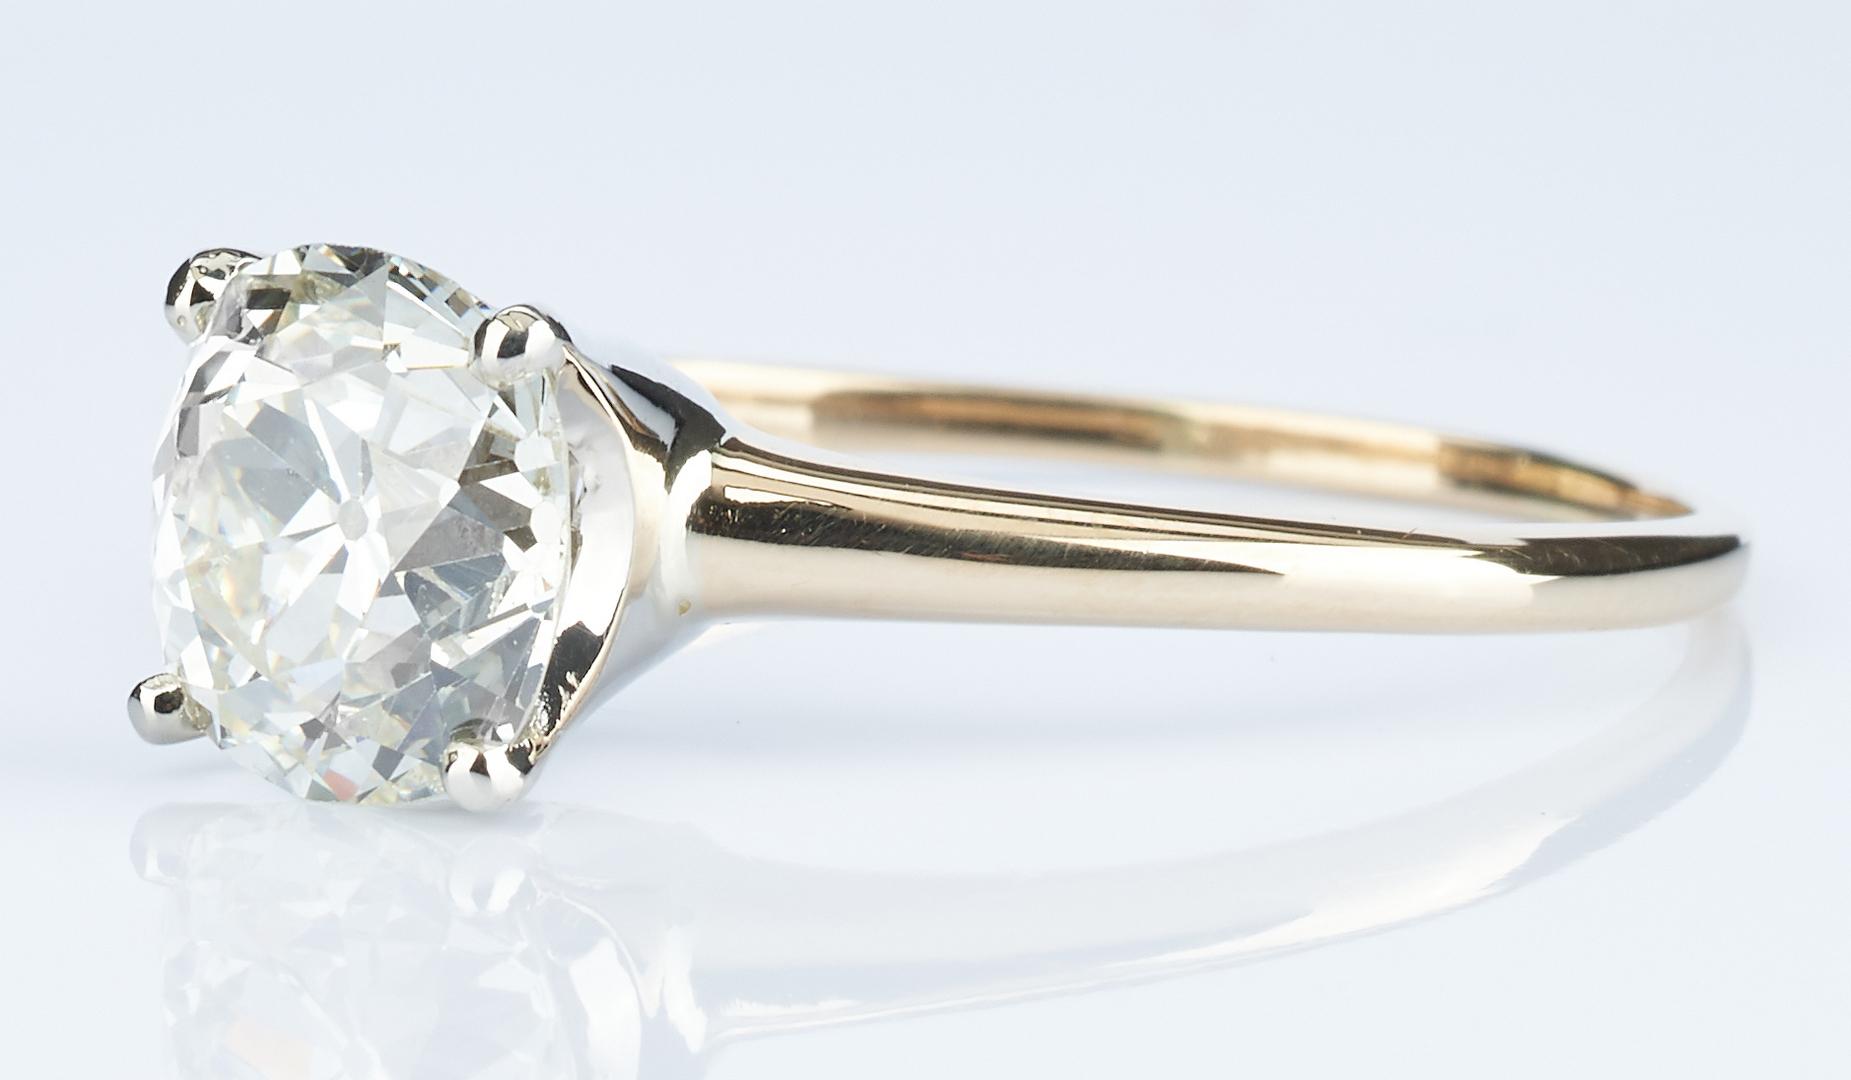 Lot 29: 2.13 CTW Mine Cut Diamond Ring, GIA (VS1, K)